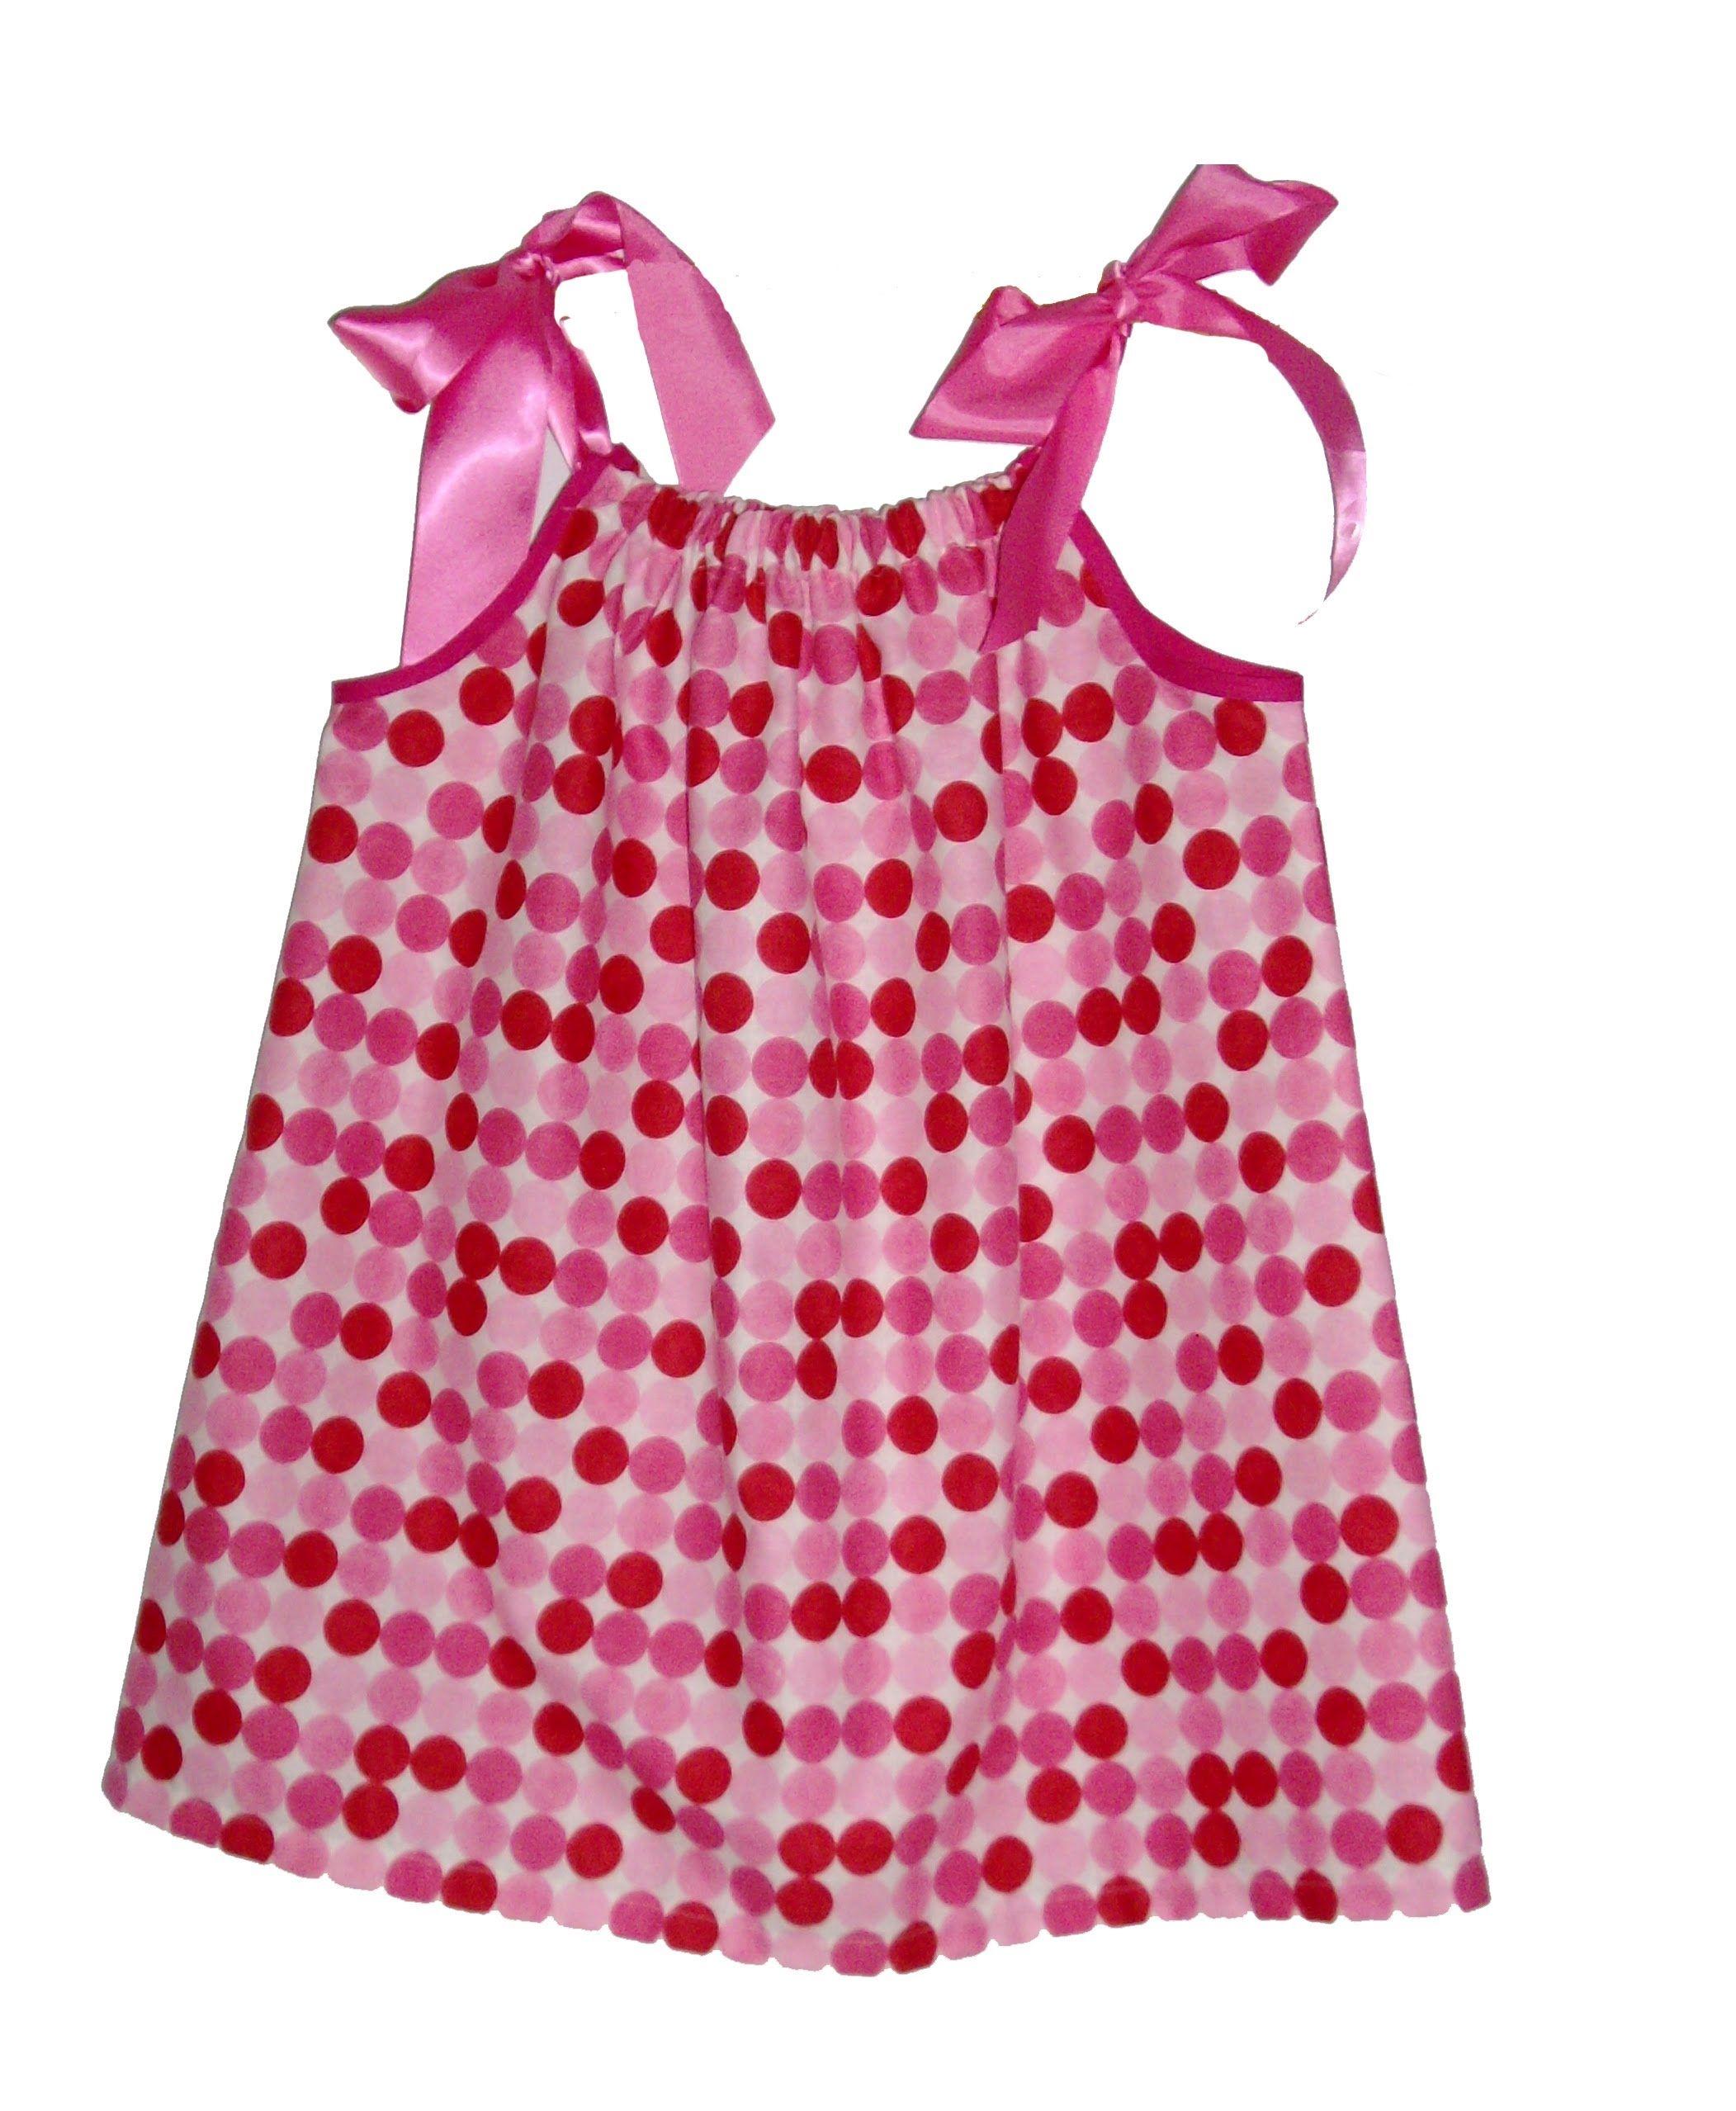 Cmo hacer un vestido para nia con una funda de almohada